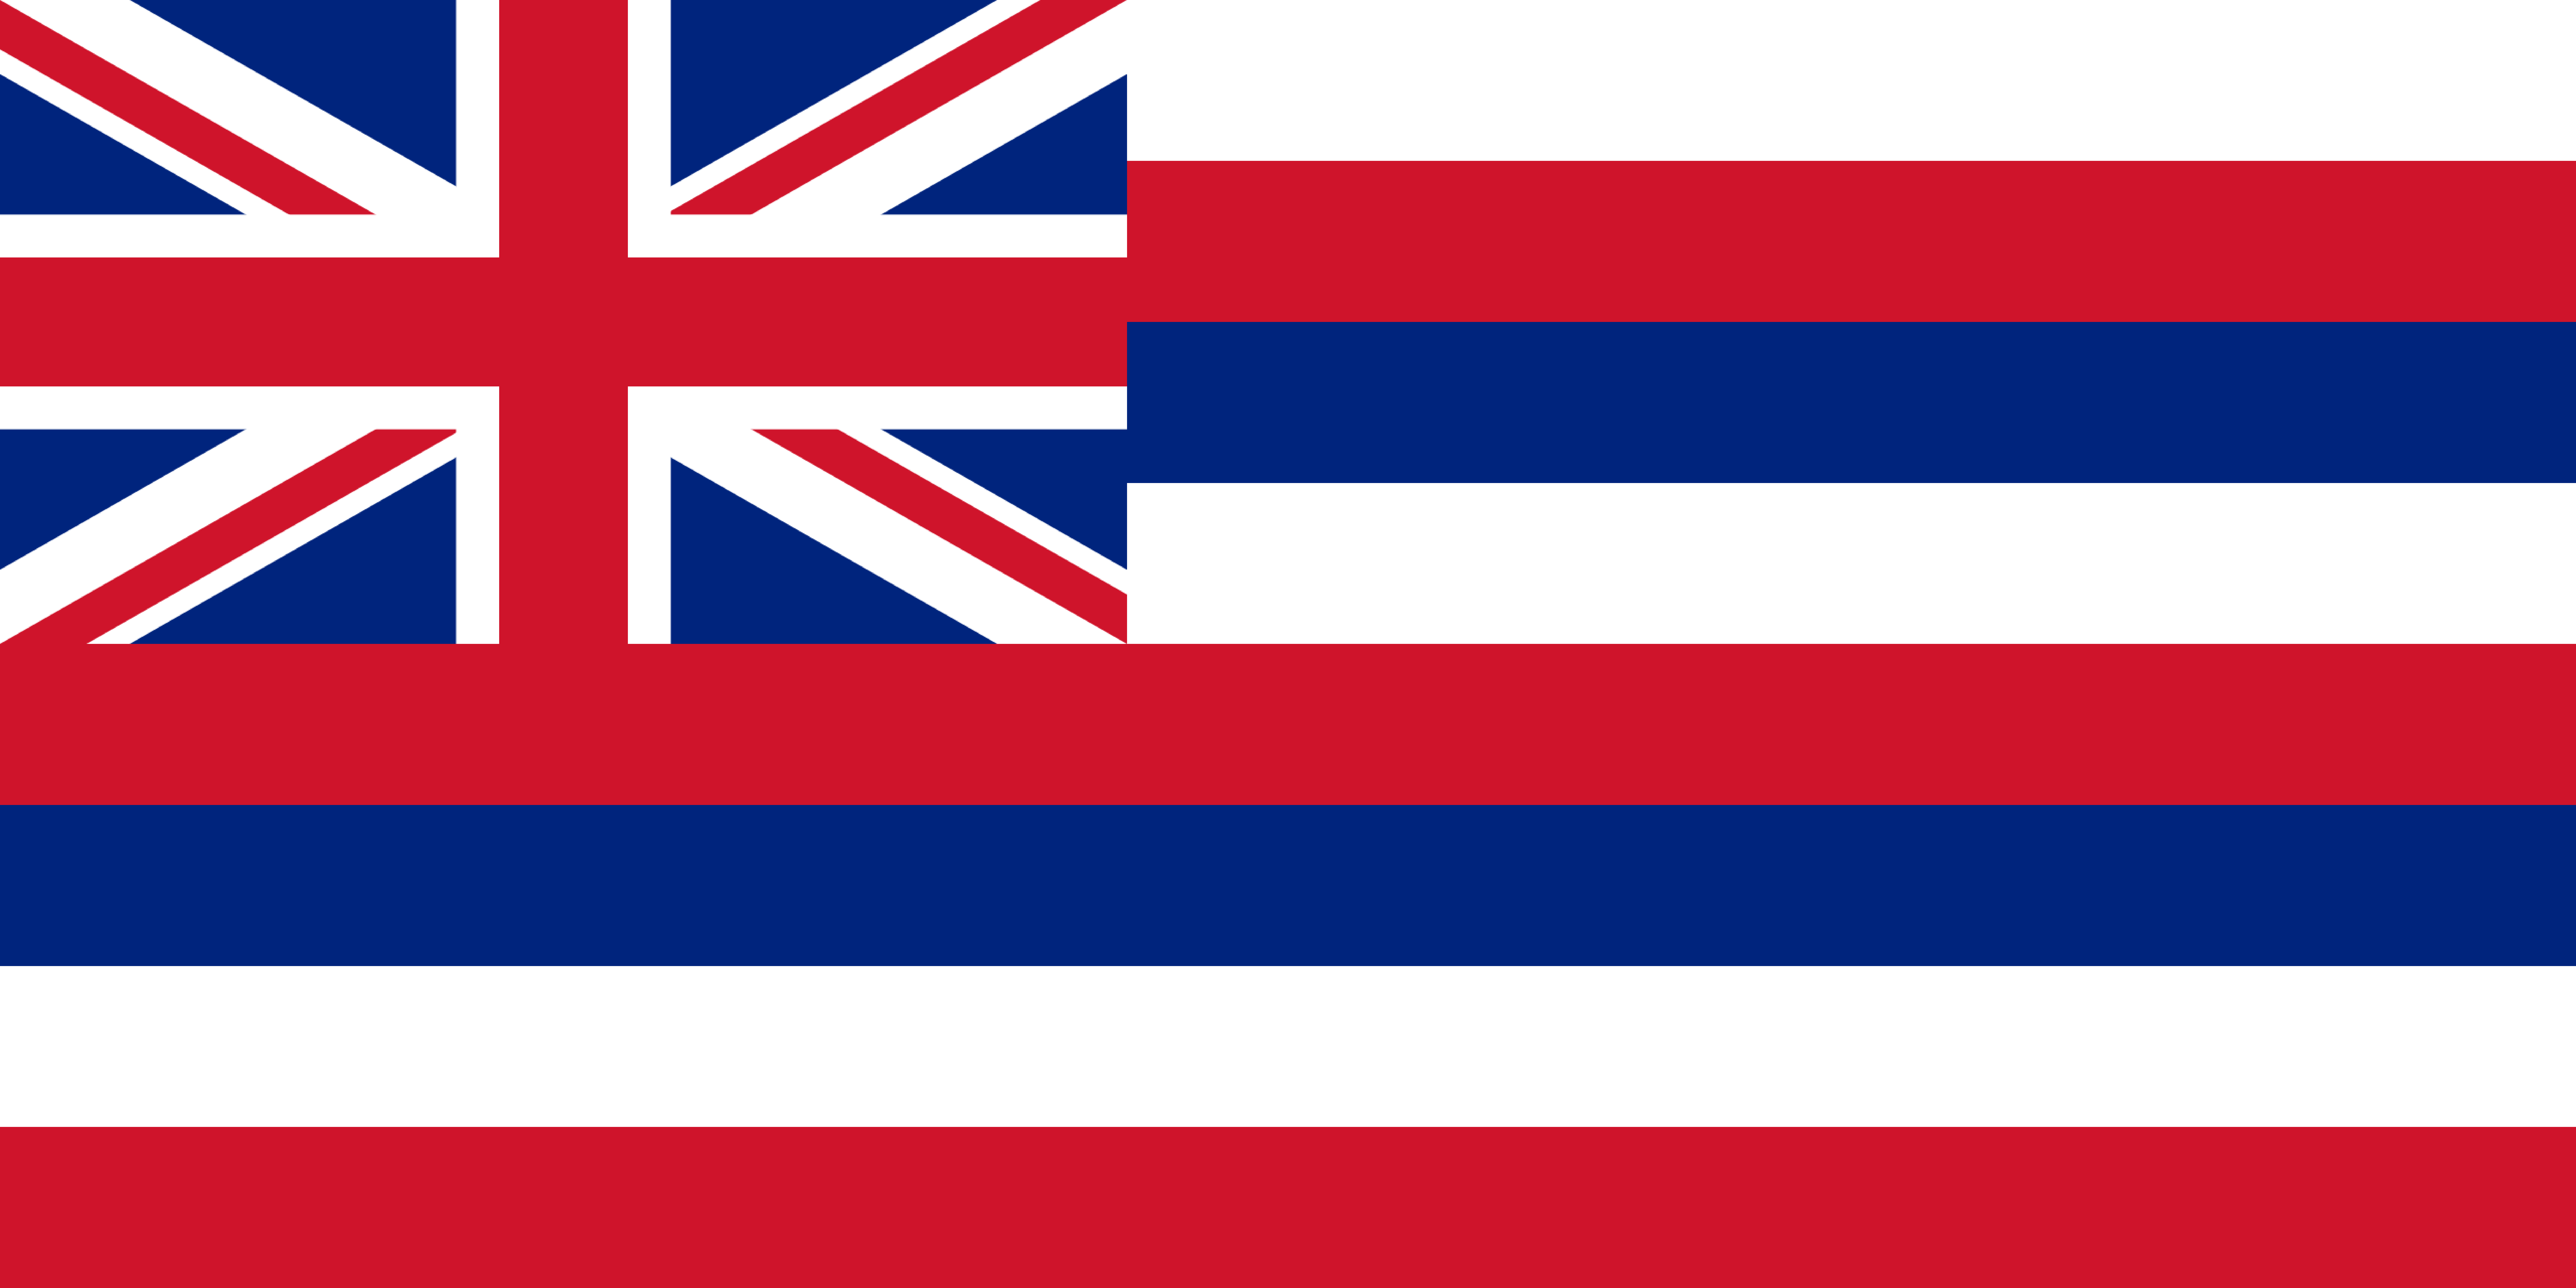 Hawaii Flag Printable pdf - Download this free printable